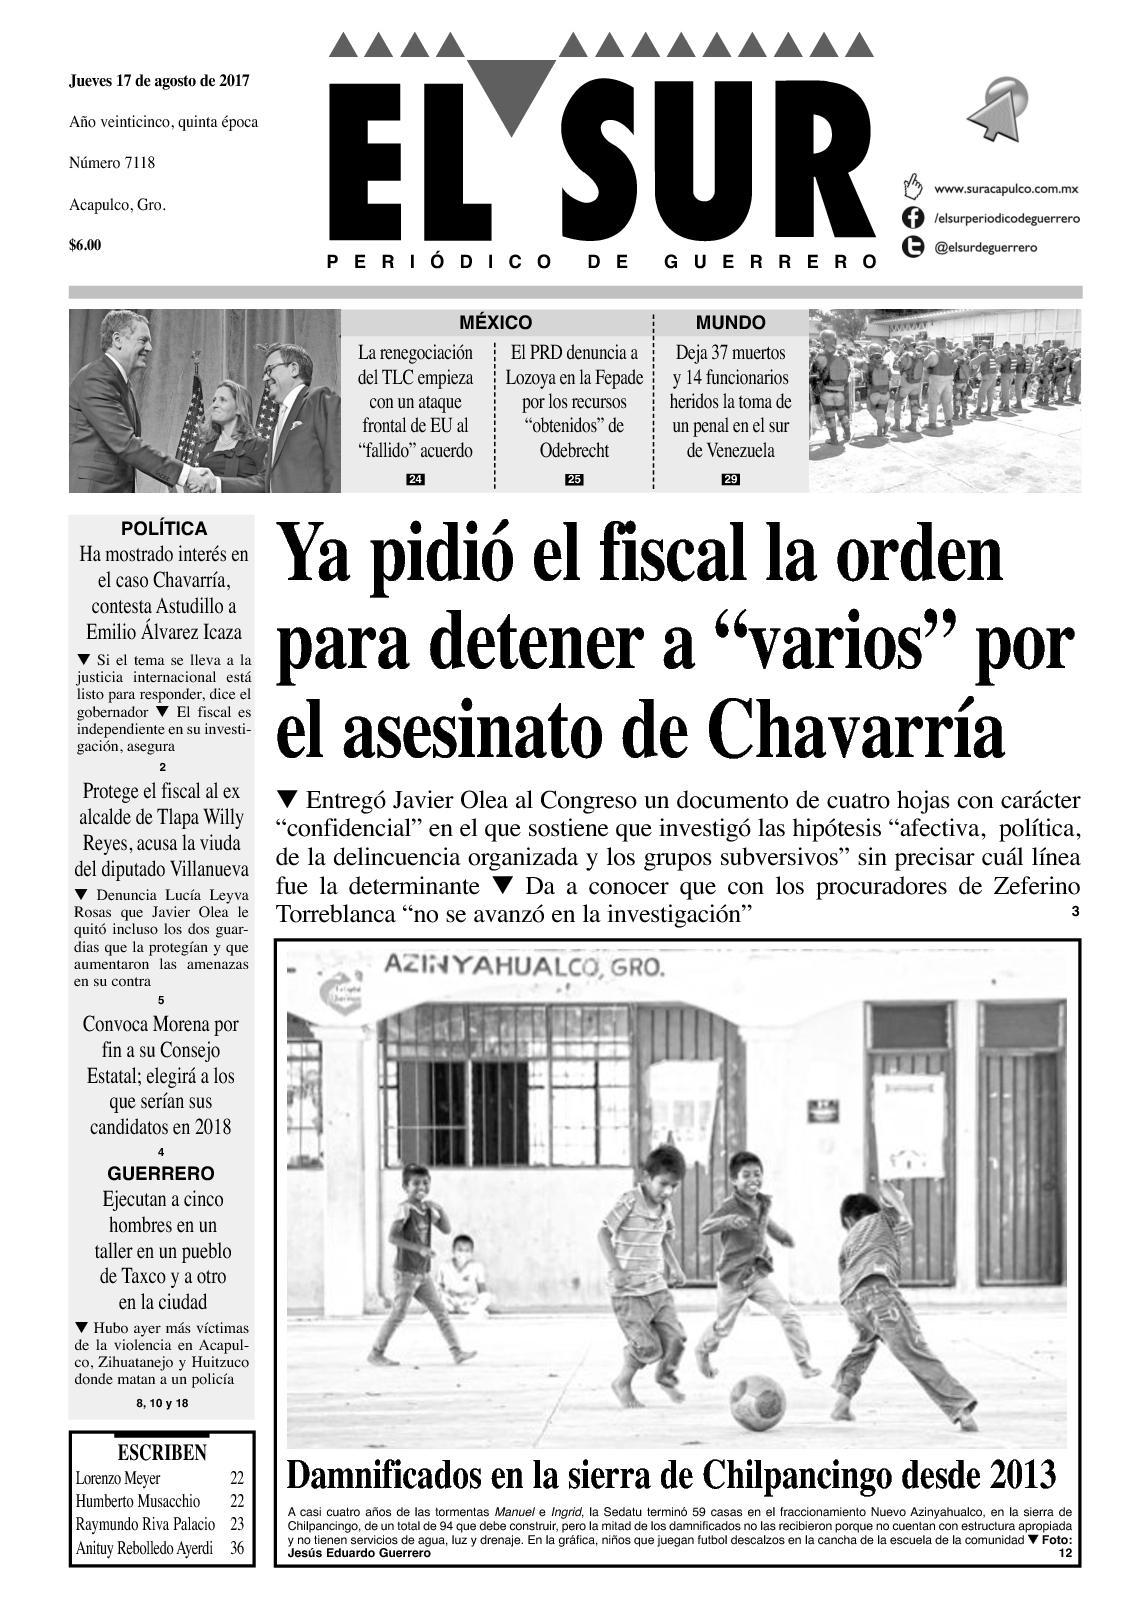 Calaméo - El Sur Jueves 17082017